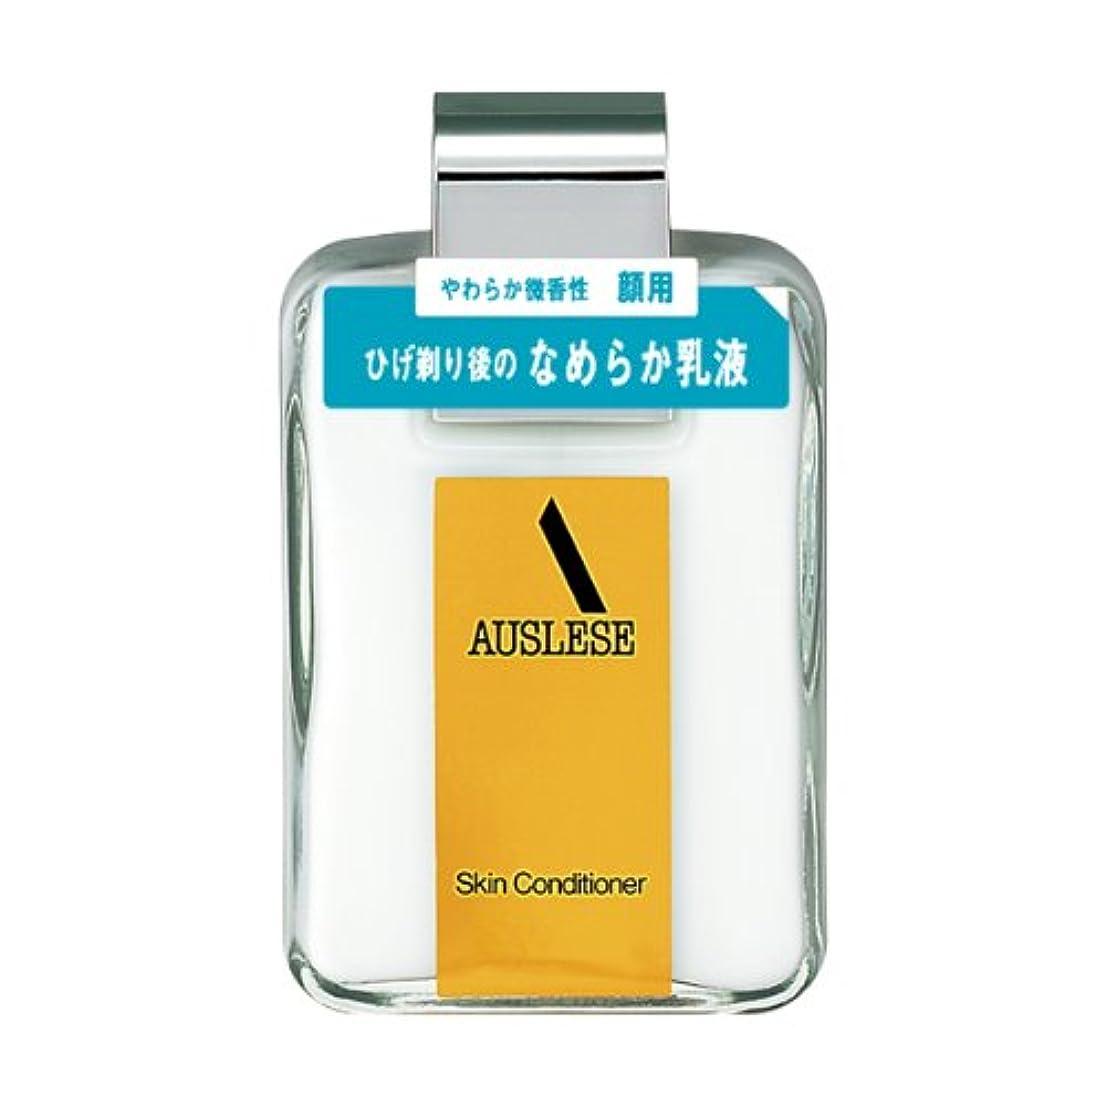 飲料ひばり見かけ上アウスレーゼ スキンコンディショナーNA 120mL 【医薬部外品】